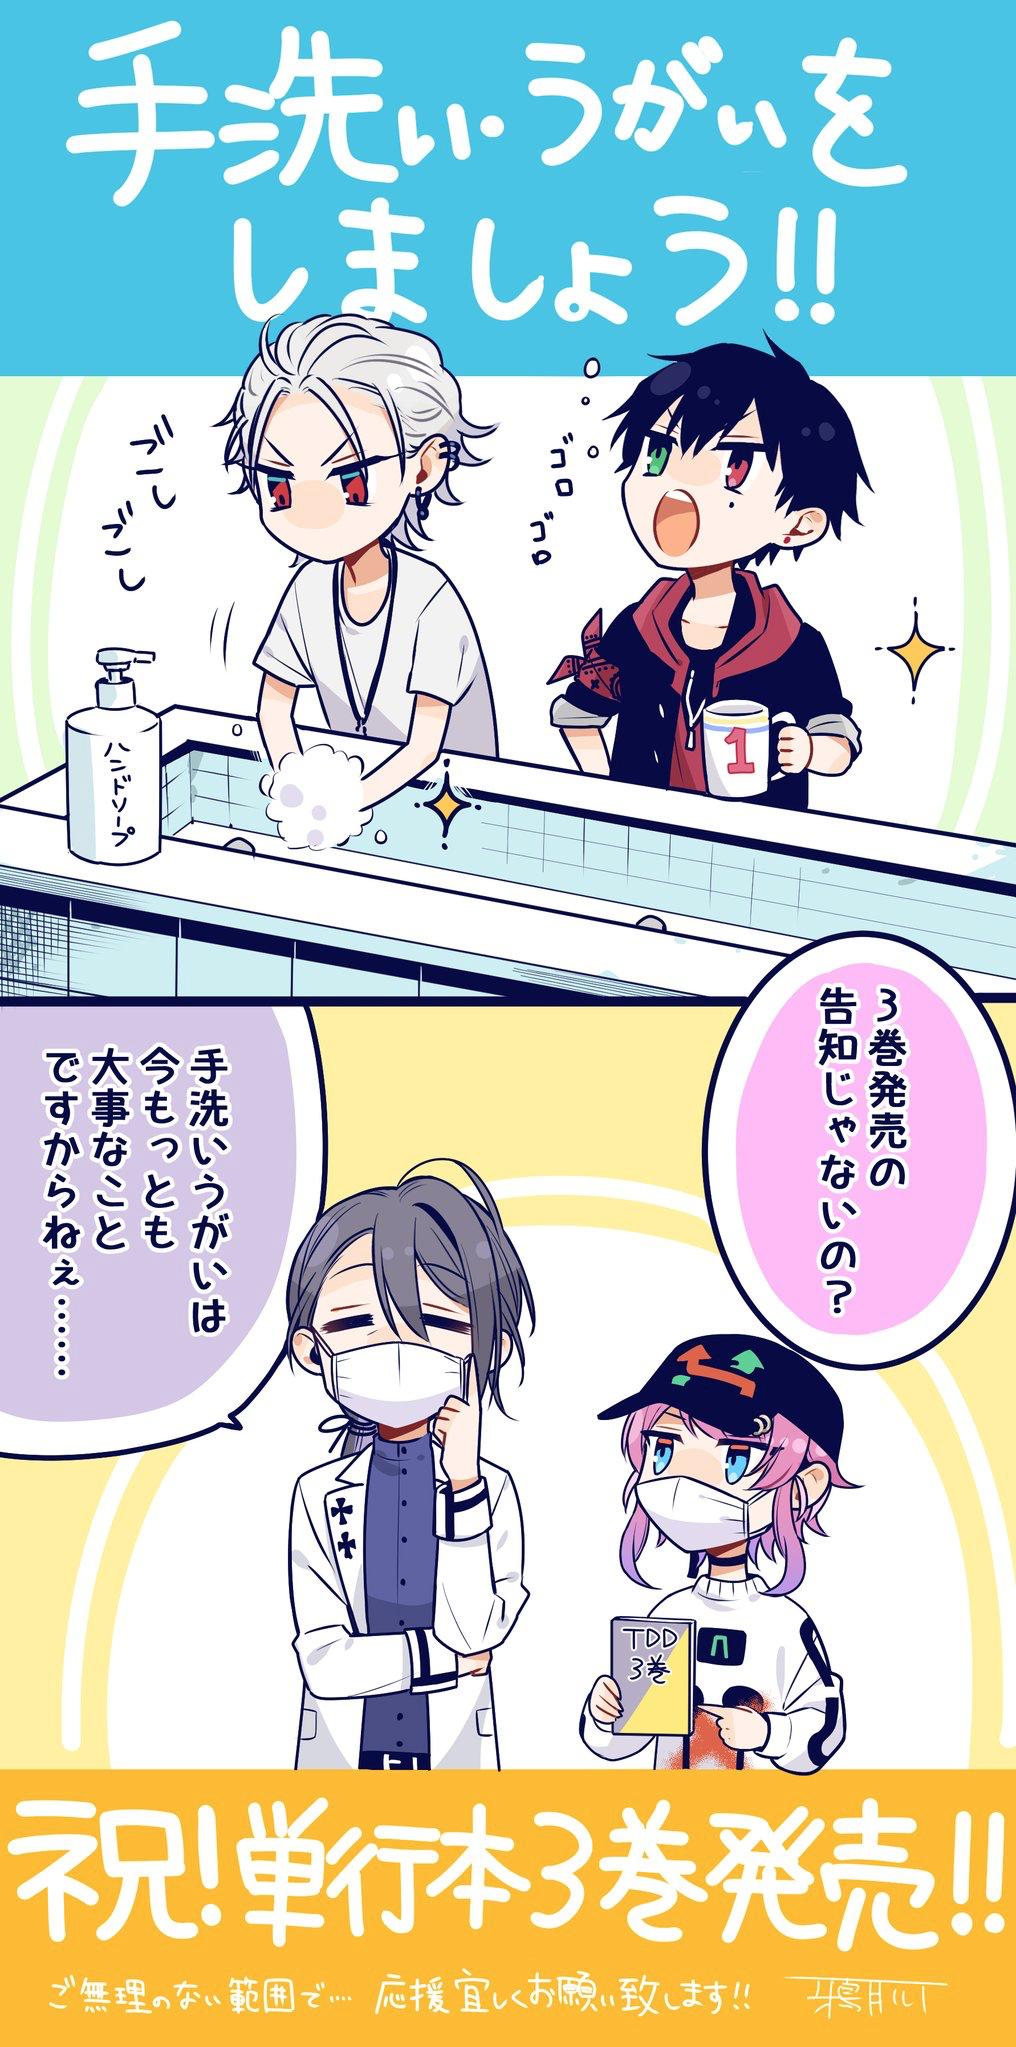 イラスト 手洗い うがい